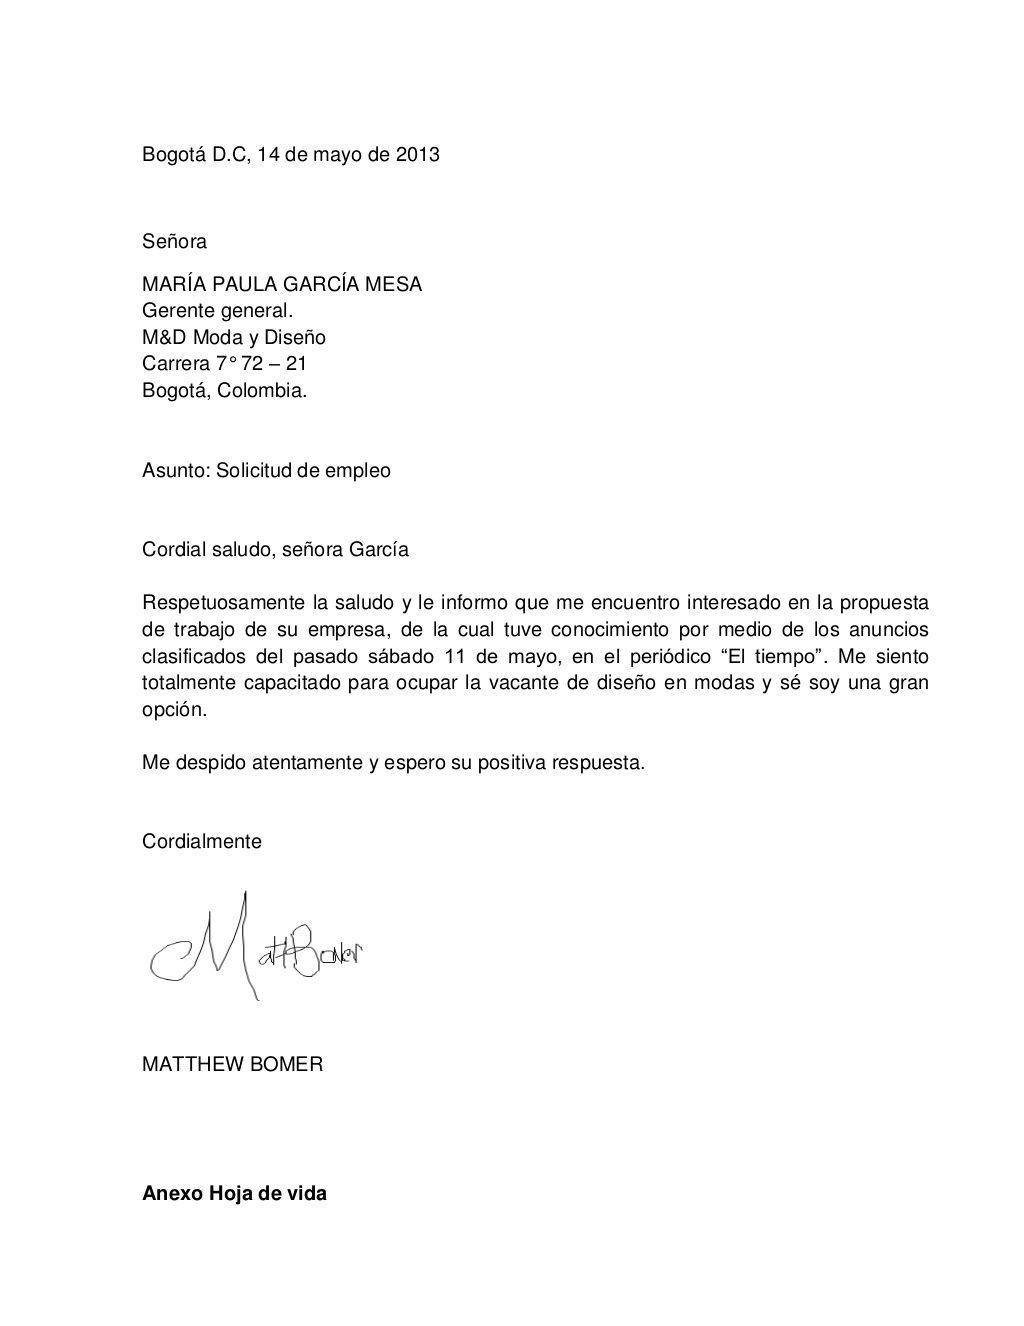 HOJAS DE VIDA Y CARTAS PRESENTACIÓN by MariaPaulaGarcia1412 via ...